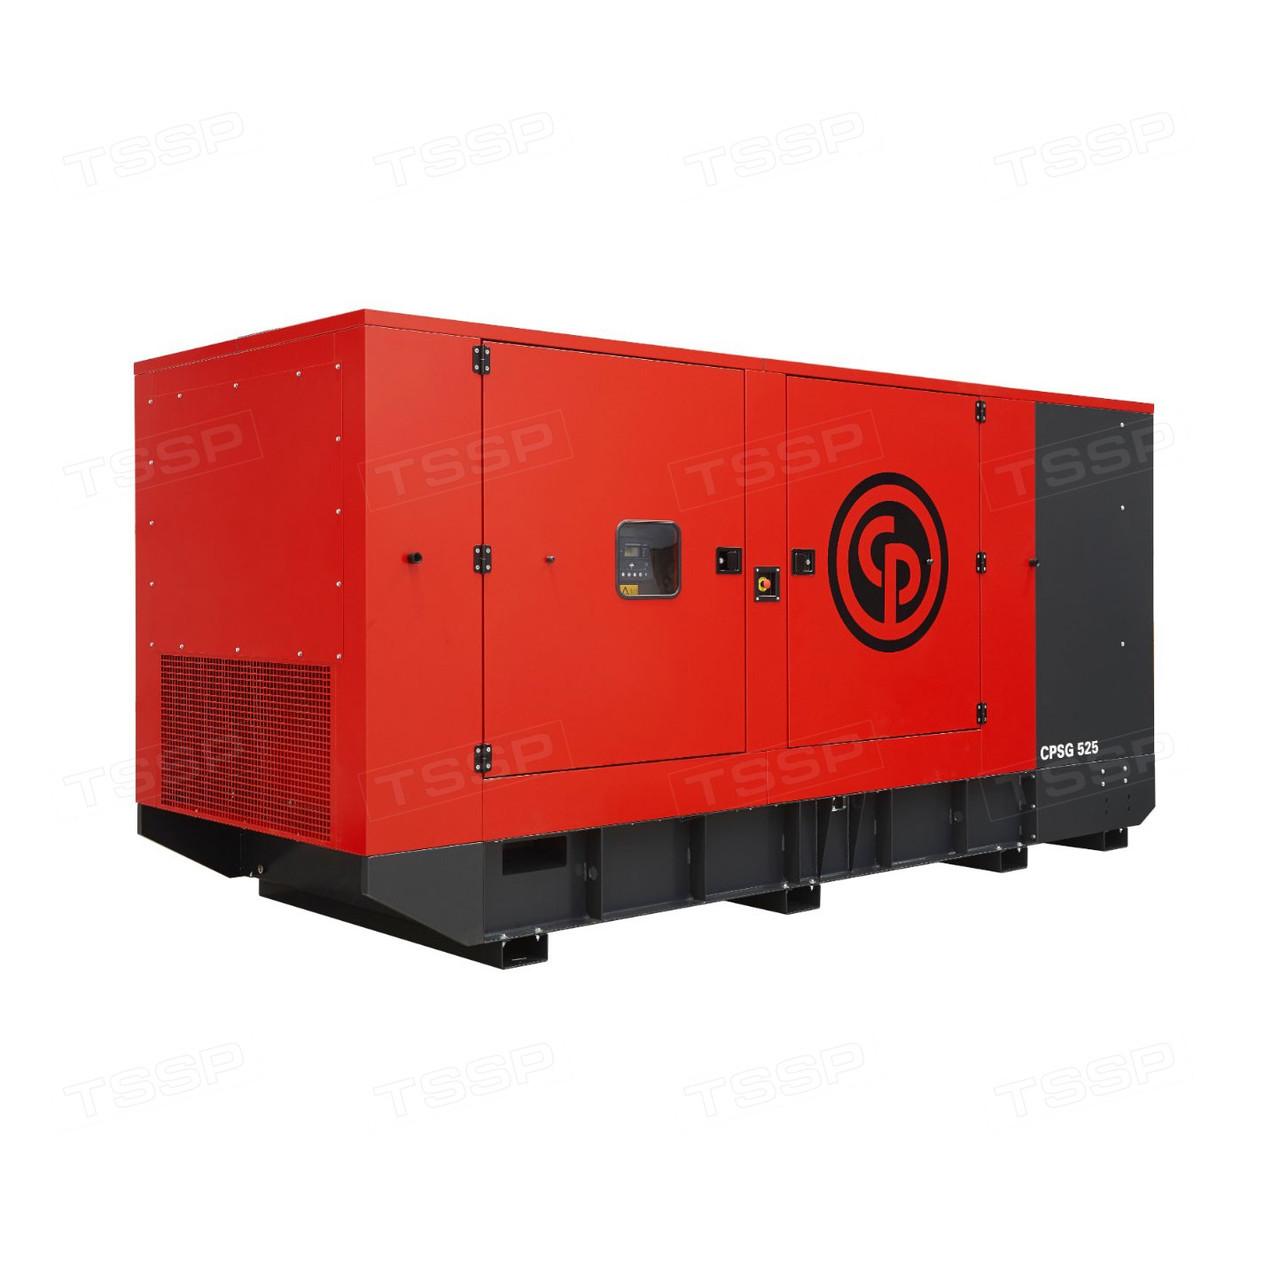 Дизельные генераторы Chicago Pneumatic серии CPSG